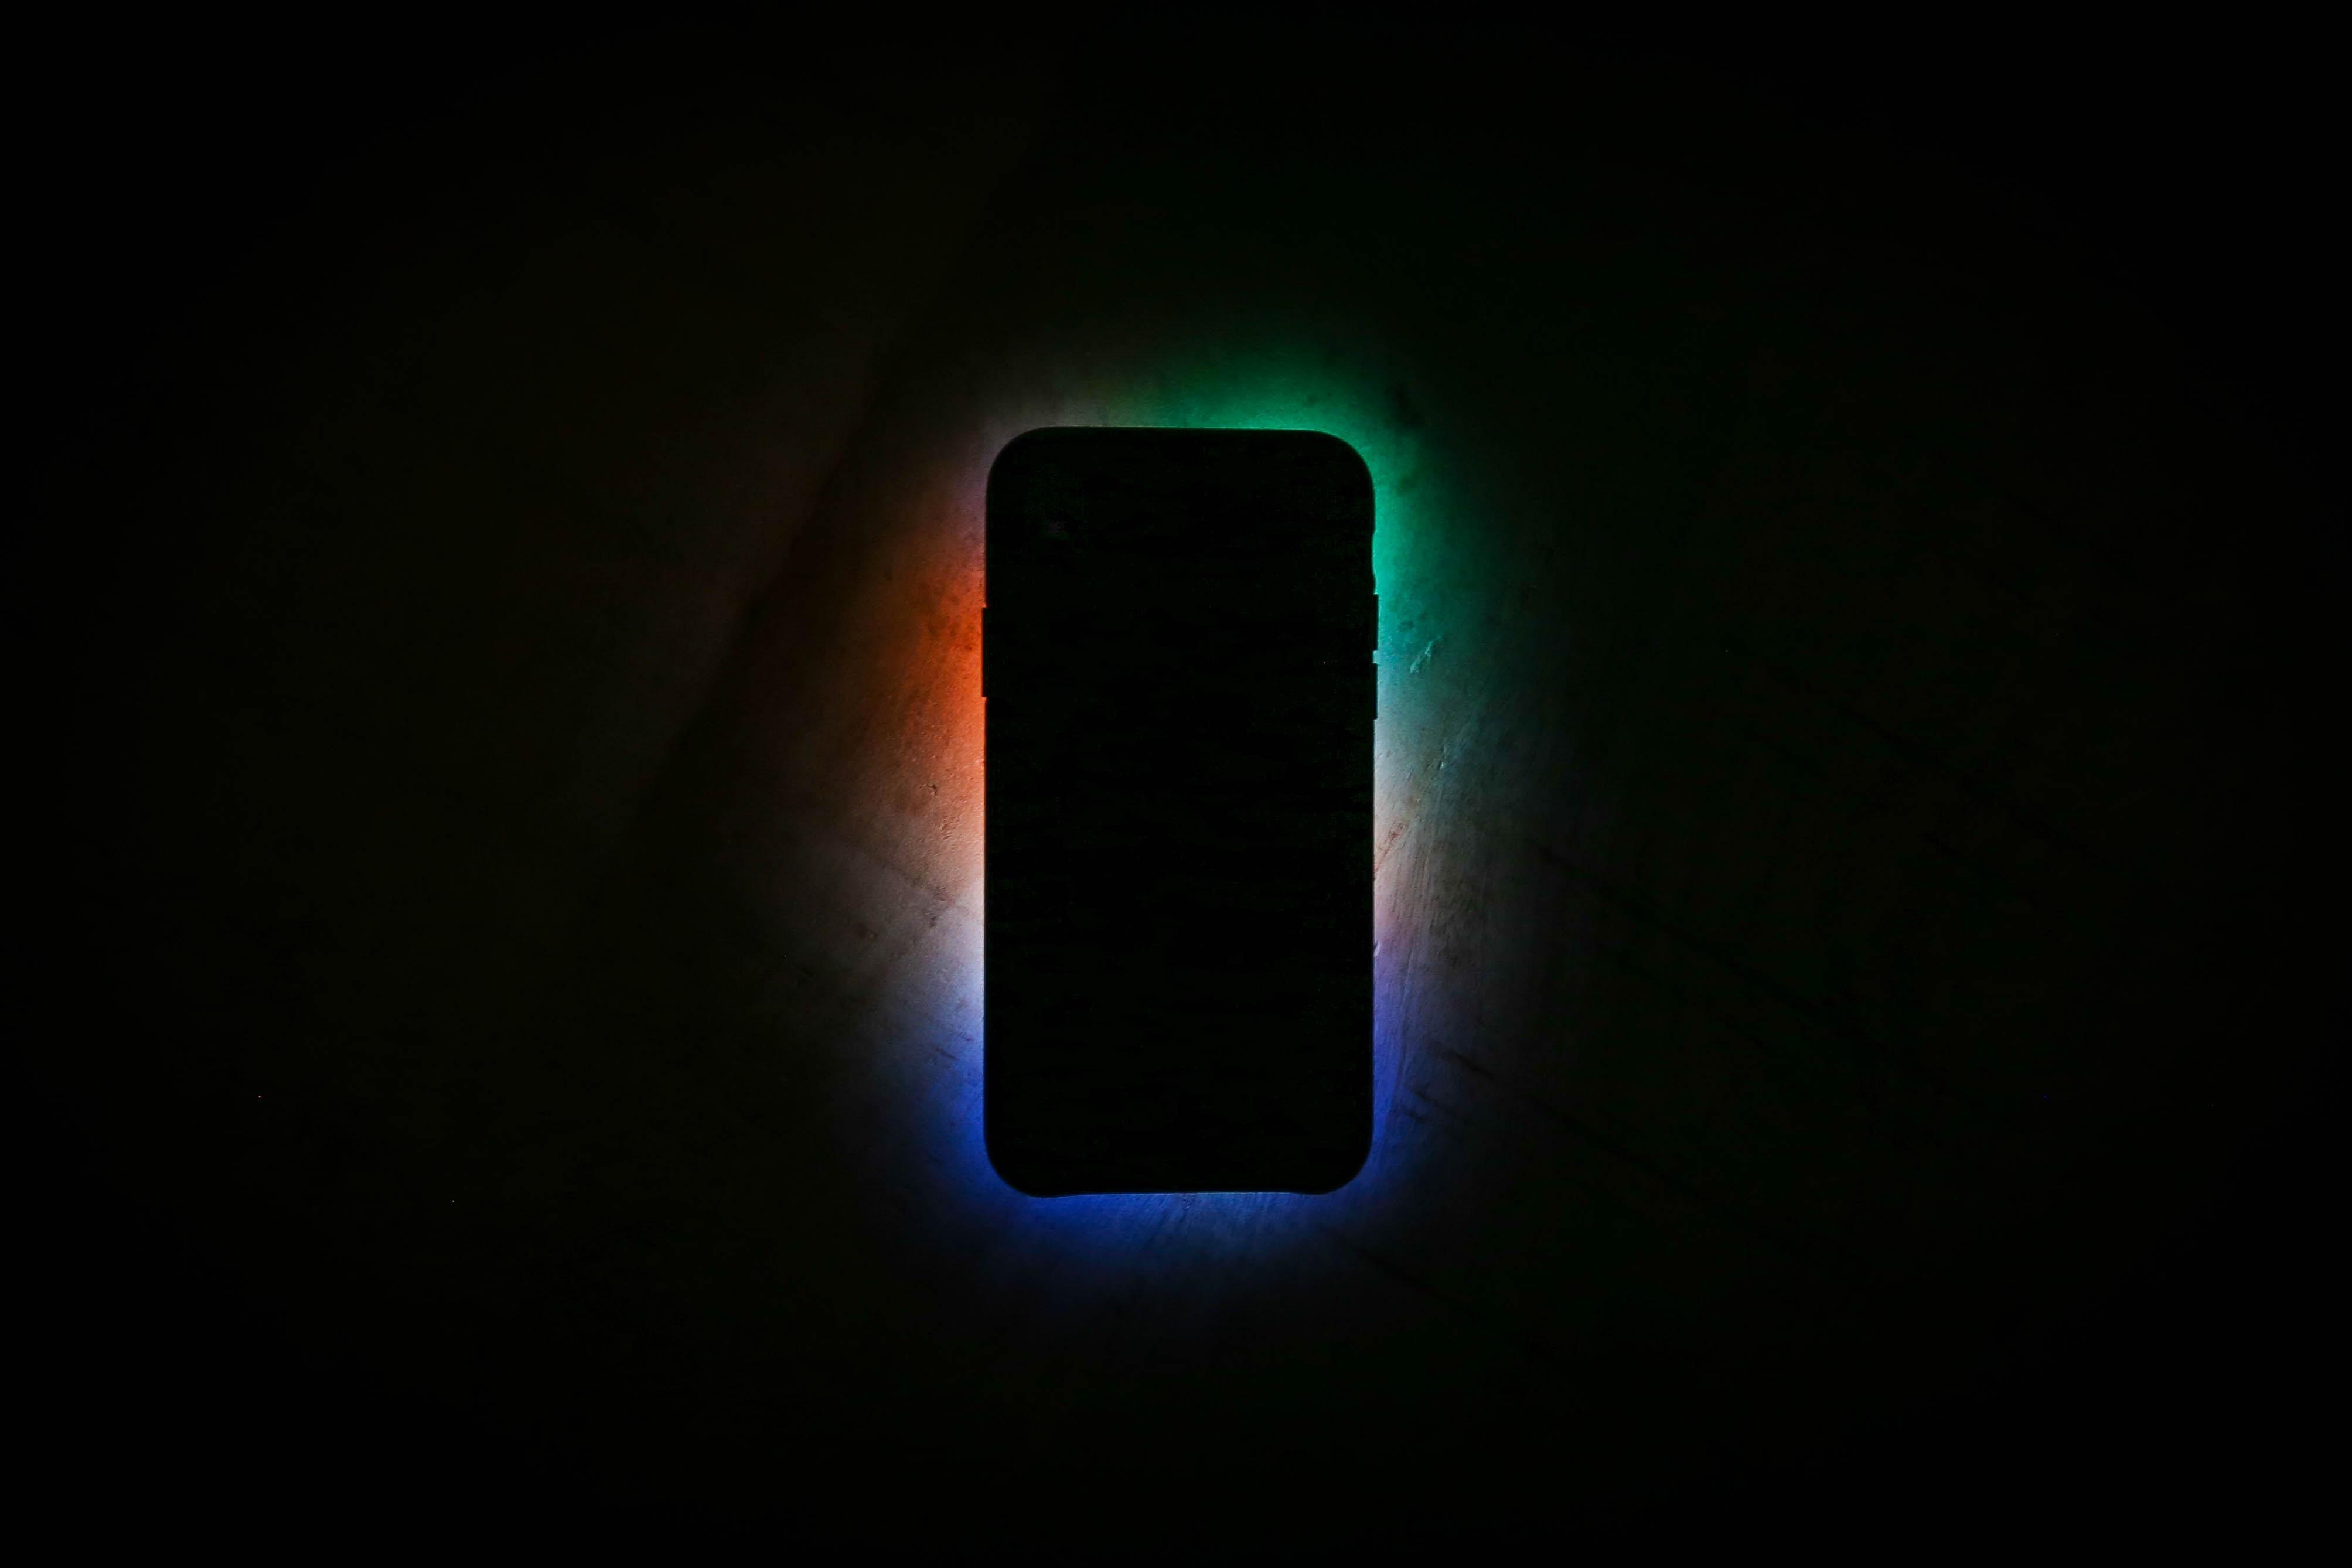 Luz azul de dispositivos móviles aceleraría el envejecimiento: estudio